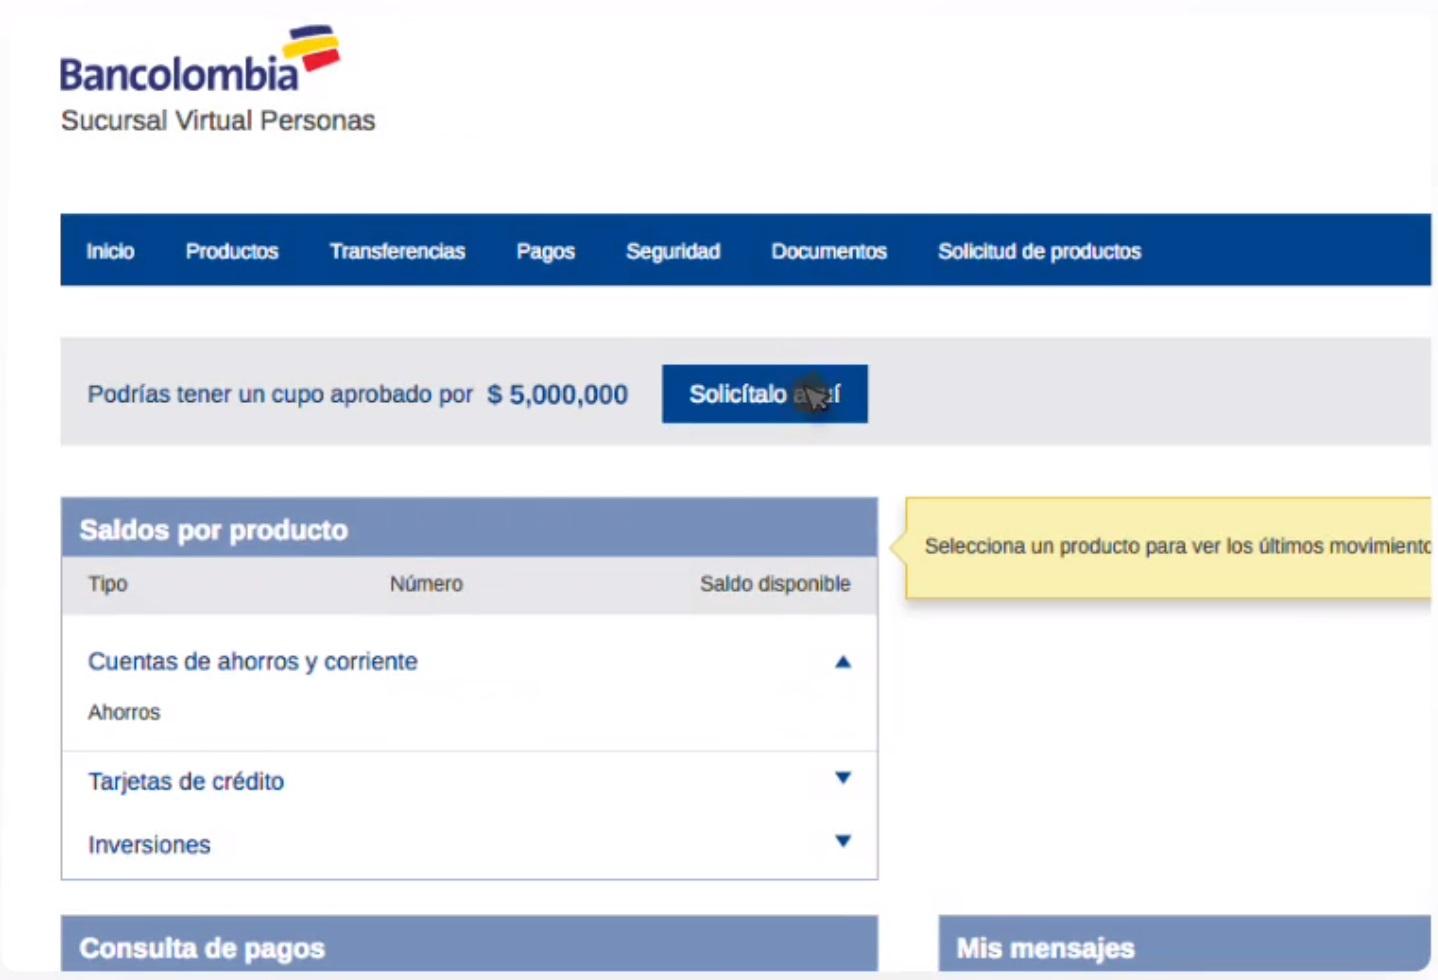 solicitar tarjeta de crédito por medio de la sucursal bancolombia